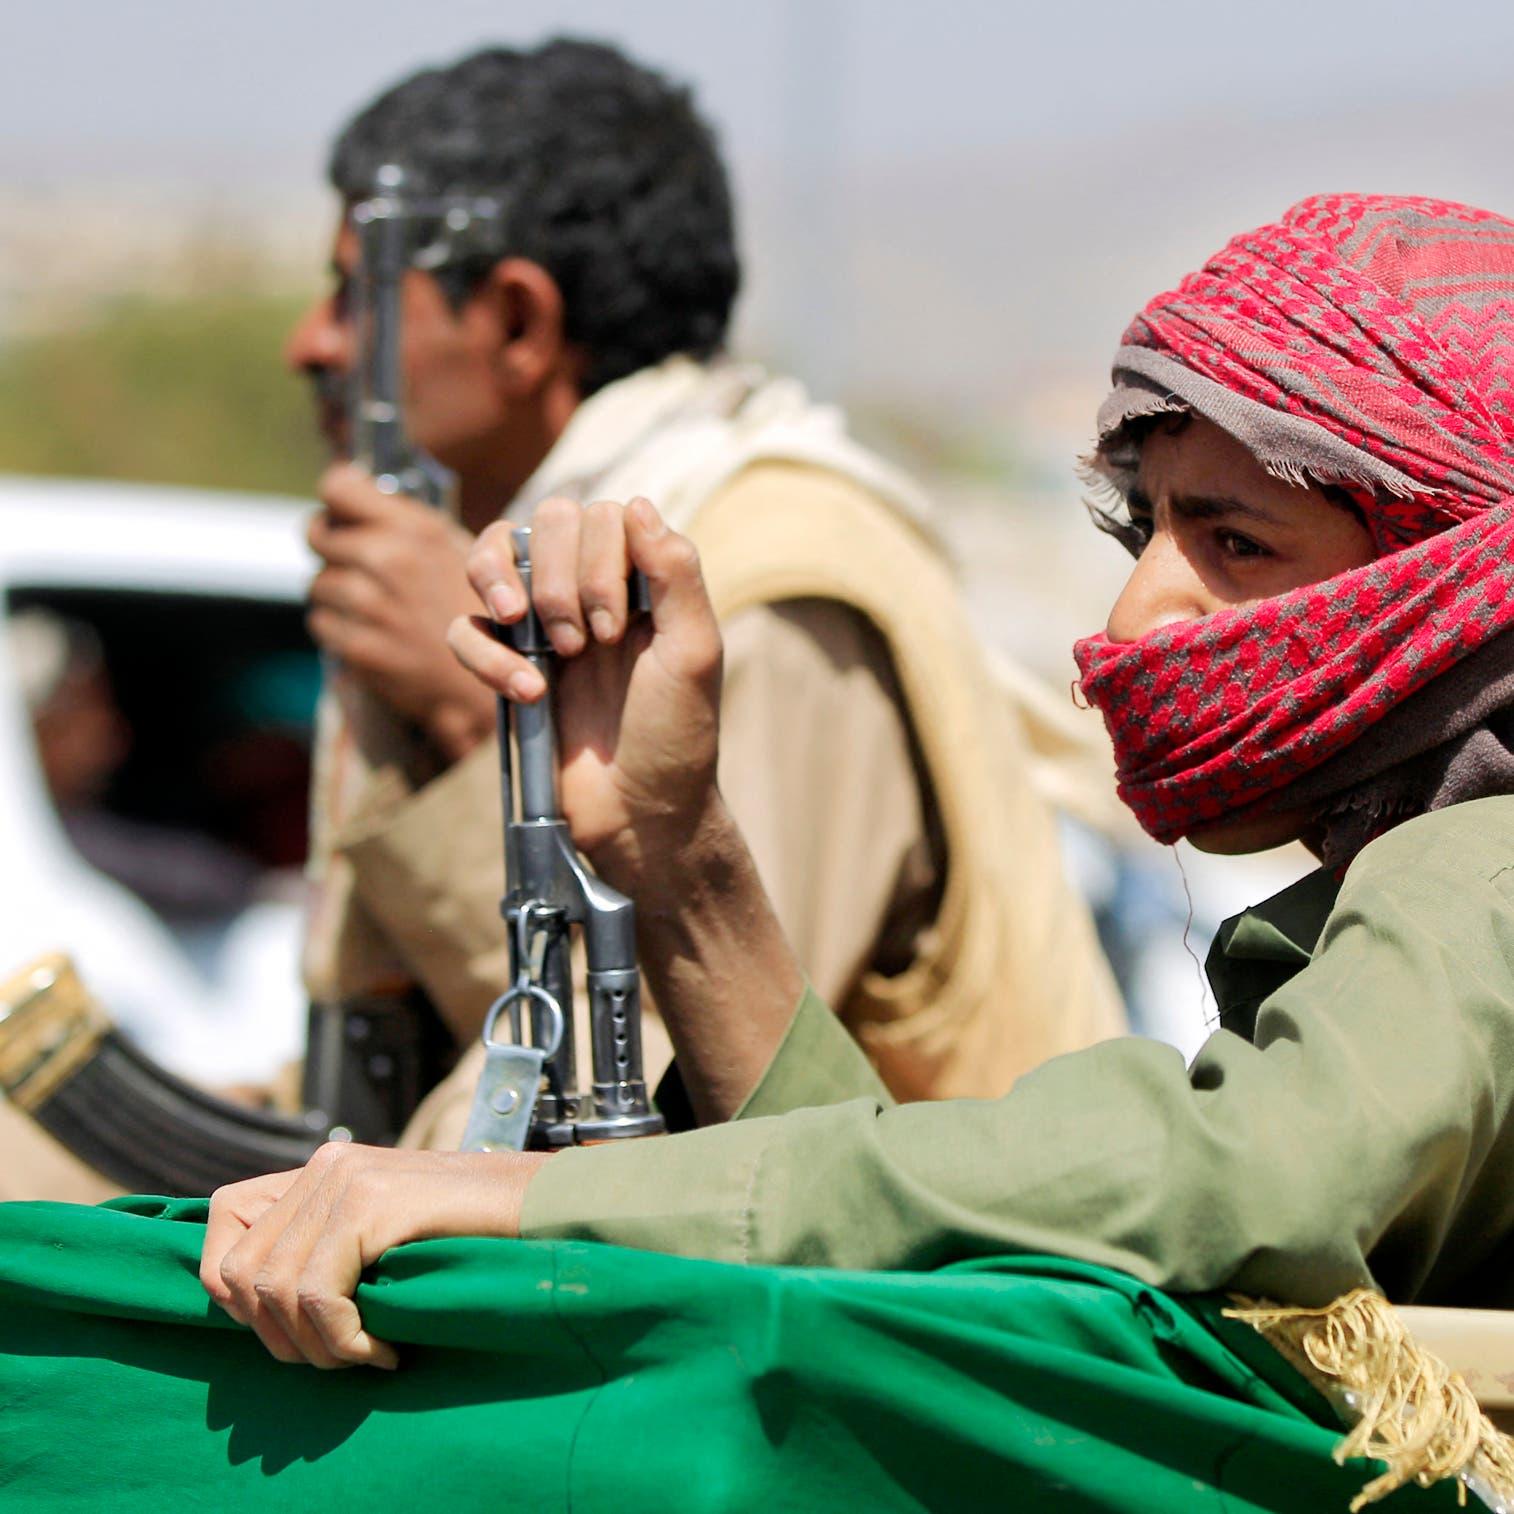 فتنة حوثية تشعل اشتباكات دامية بين قبيلتين شمال اليمن